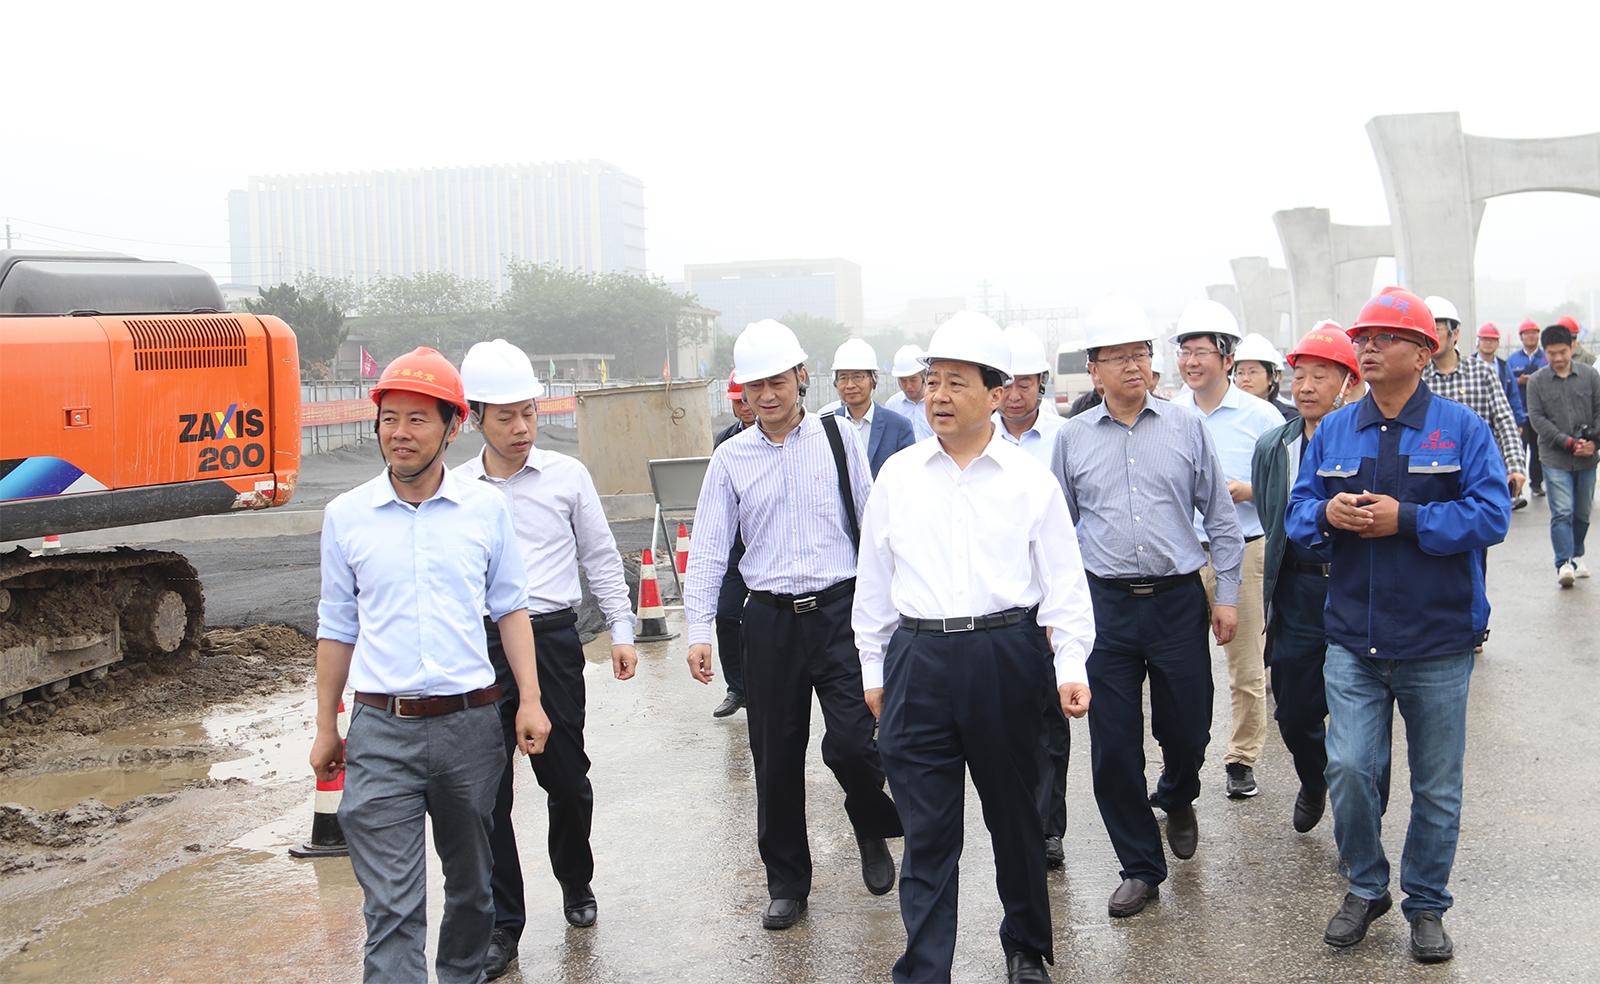 市委书记谢正义带队视察公司运河南北路快速化改造工程